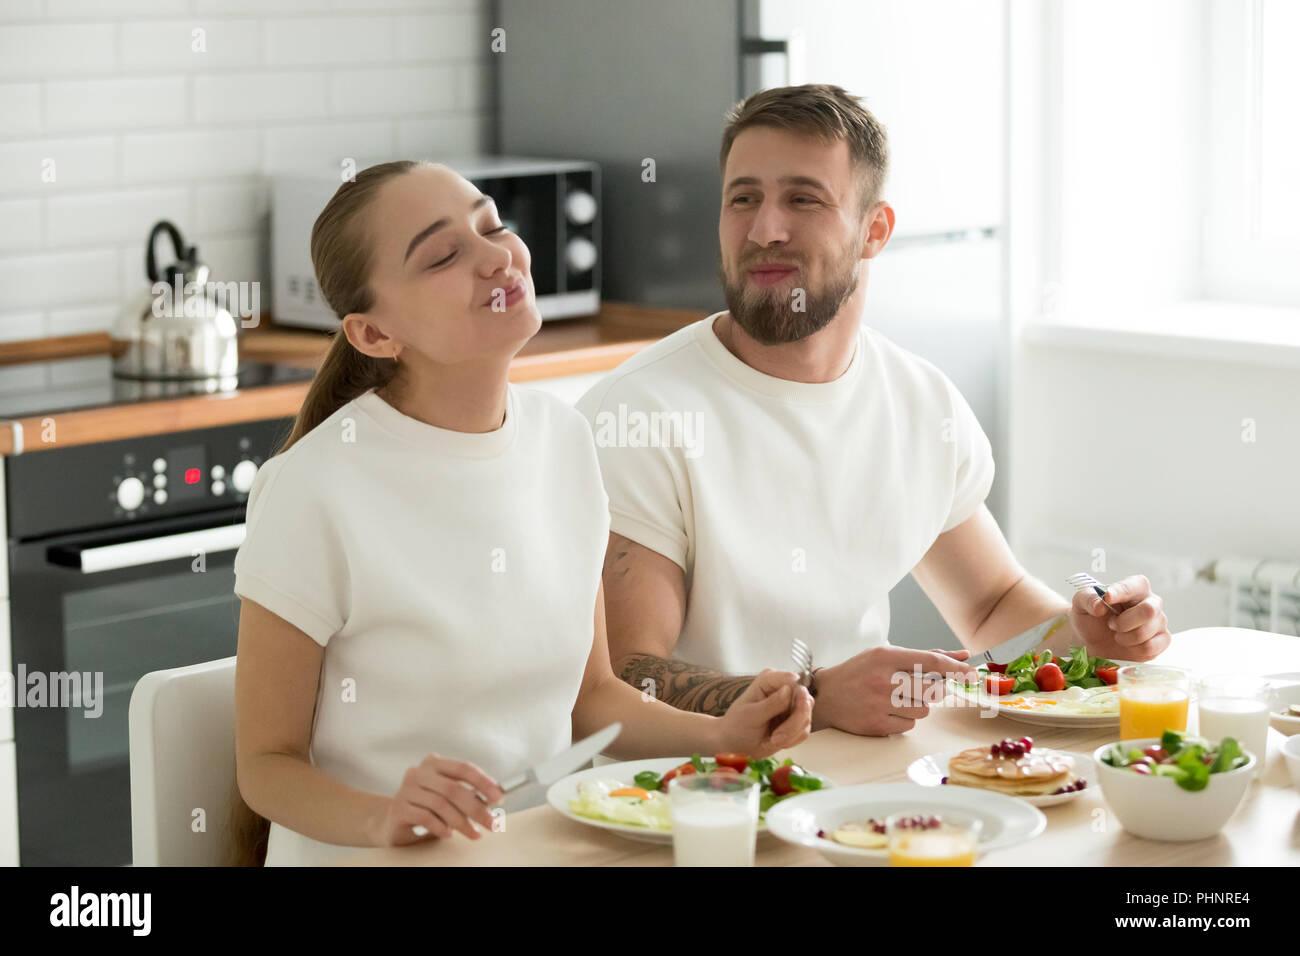 Glückliches Paar genießen Sie ein leckeres Frühstück zu Hause Stockbild